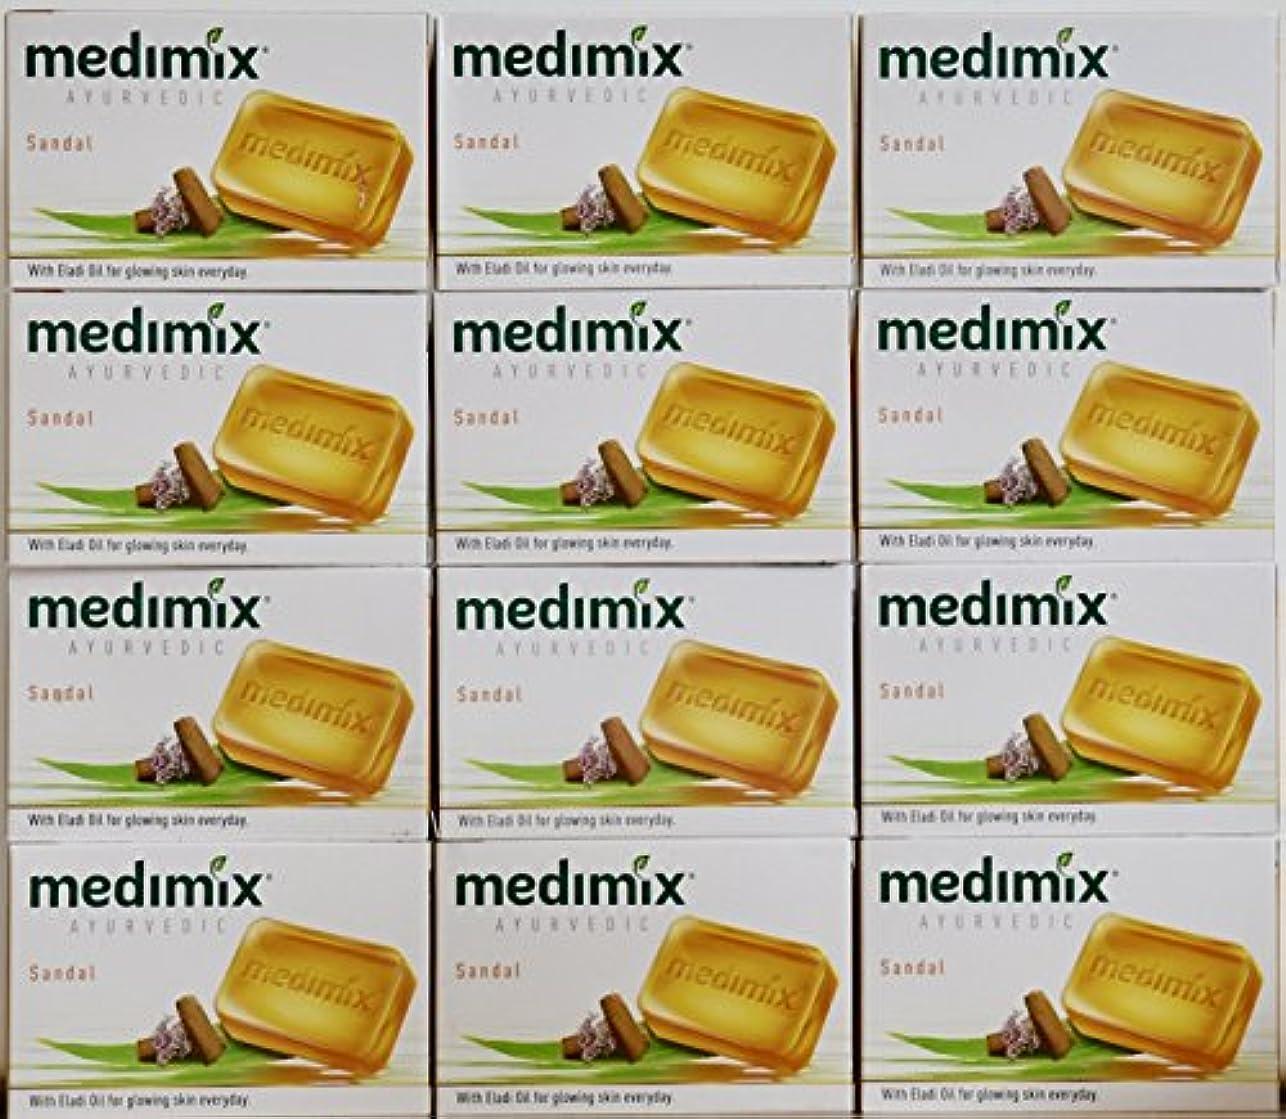 太鼓腹ビジター謝罪するmedimix メディミックス アーユルヴェディックサンダル 石鹸(旧商品名クラシックオレンジ))125g 12個入り